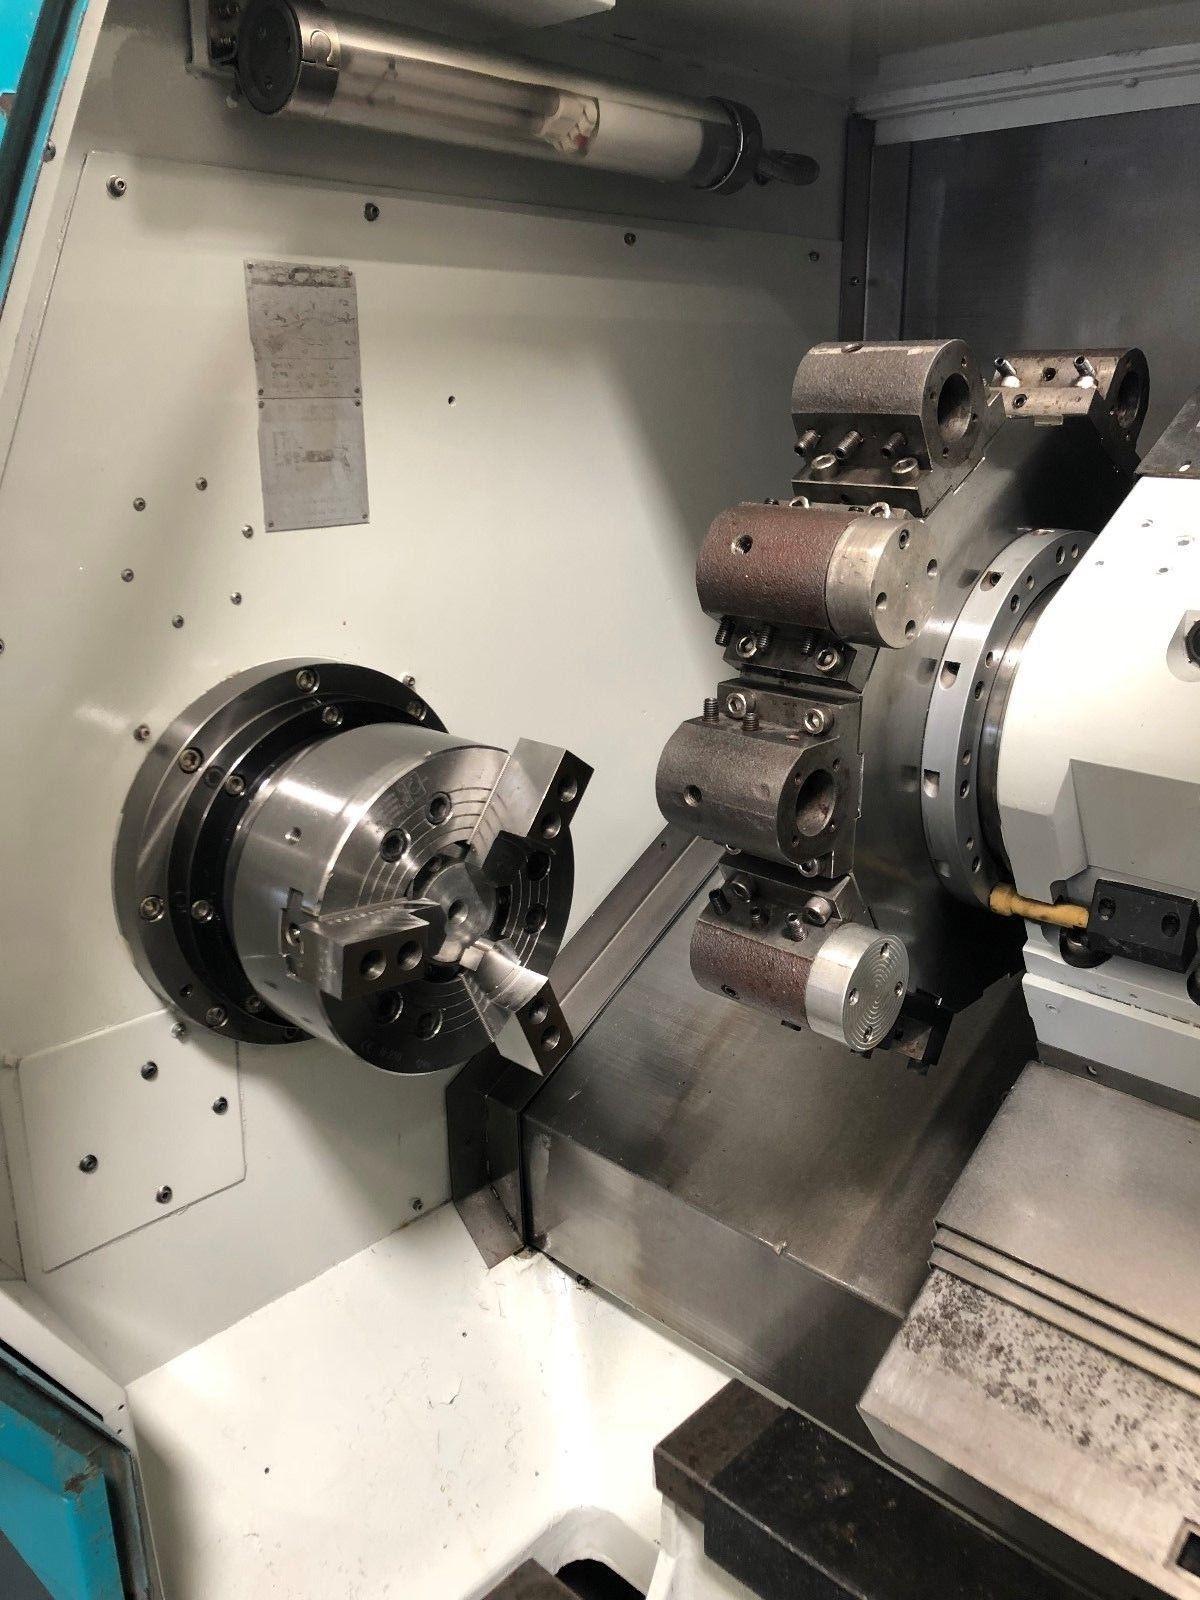 Cnc Mill For Sale >> Akira Seiki SL-35 CNC Turning Center - MachineStation